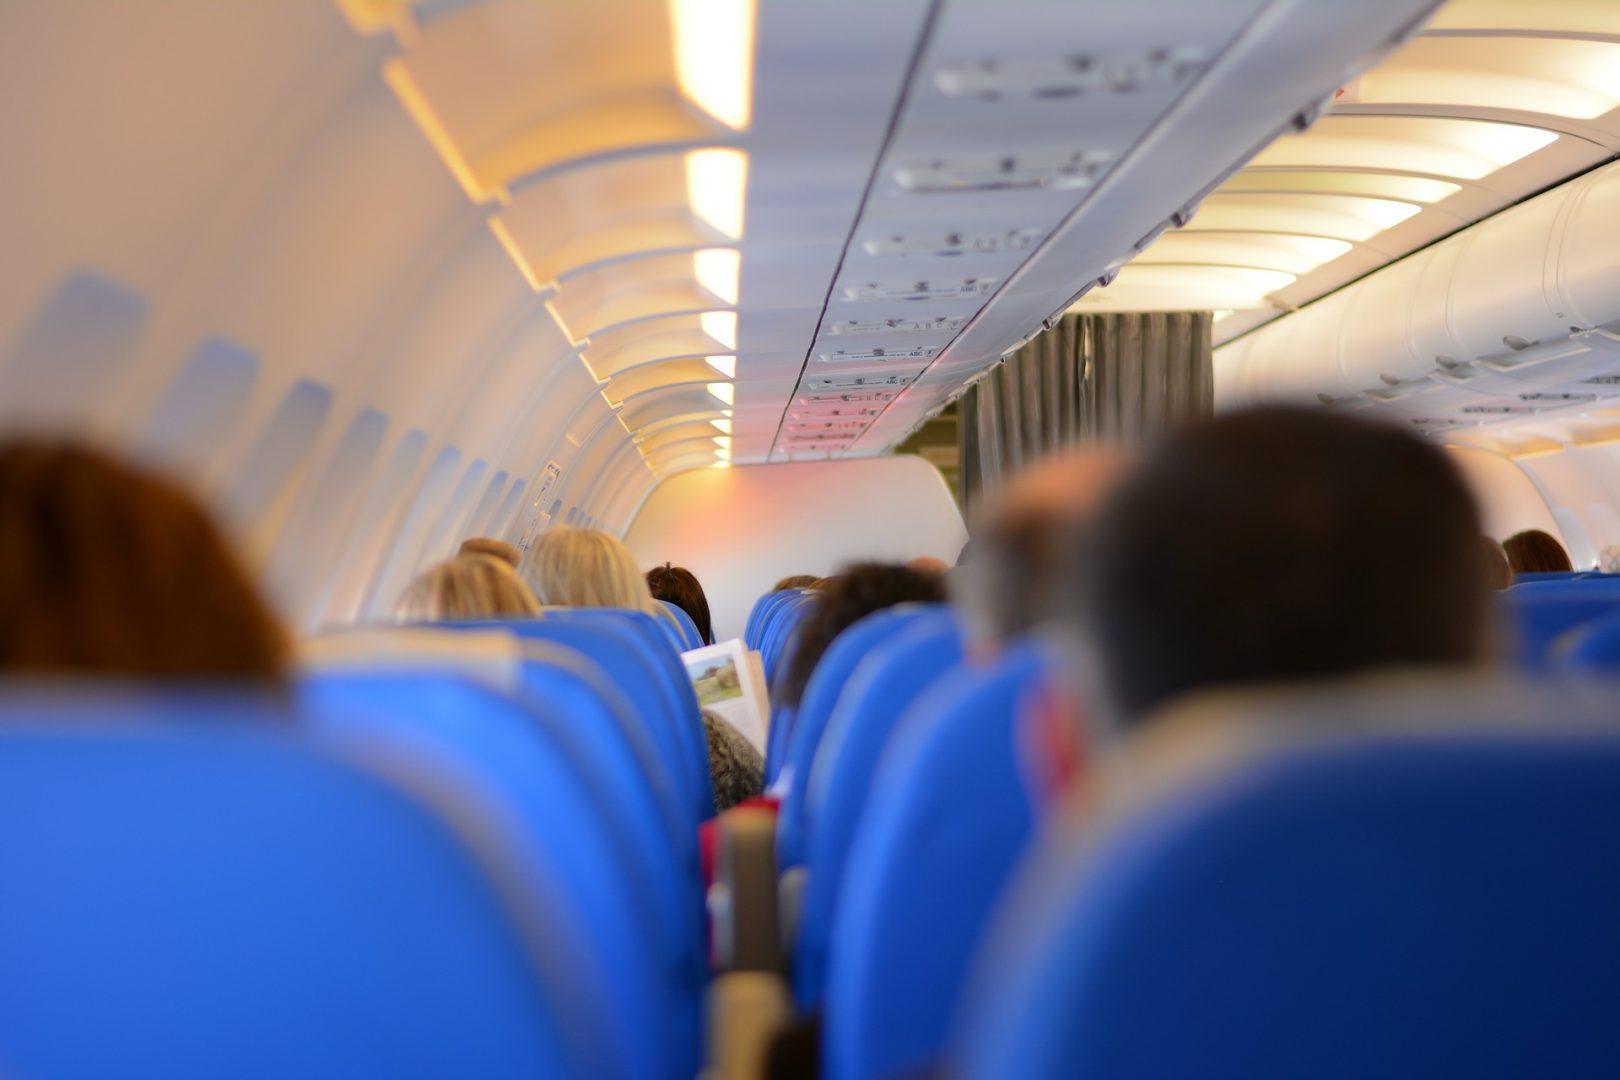 Video Go4it: De ce sunt scaunele din avioane albastre?